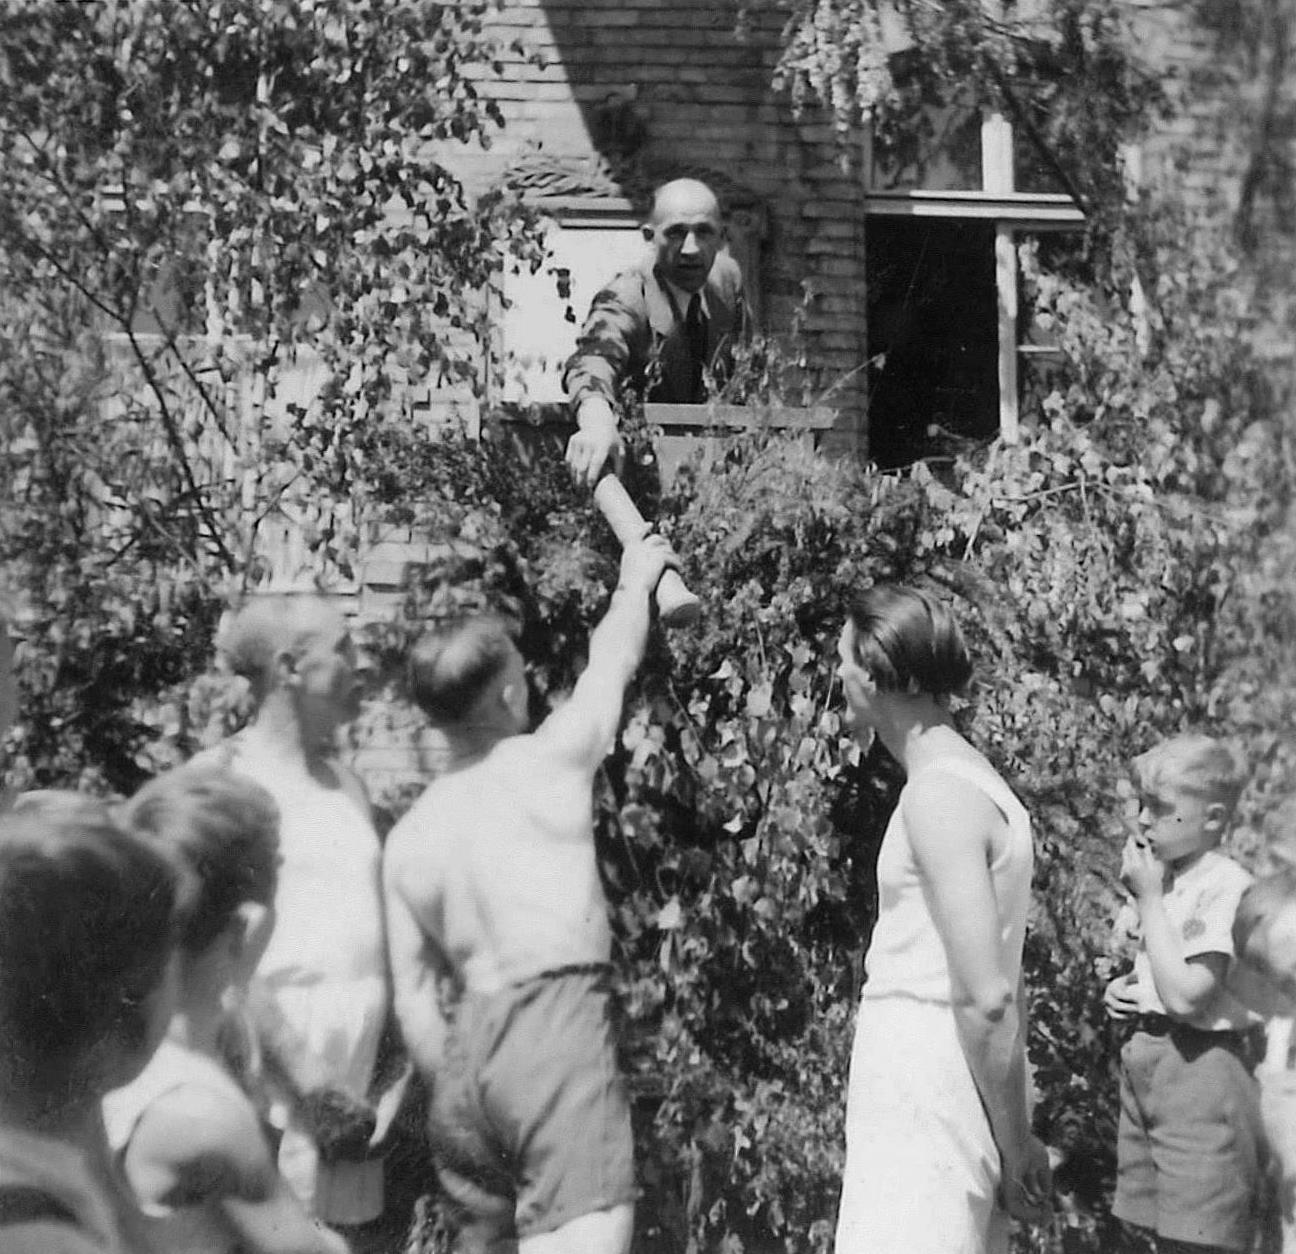 Ludwig Schulmeyer, Vorsitzender der Sport- und Kulturvereinigung (SKV), übergibt die Mörfelder Grußbotschaft einem Stafettenläufer, der sie direkt zur Feier der Wiedereröffnung der Frankfurter Paulskirche bringt. Mörfelden, 18. Mai 1948